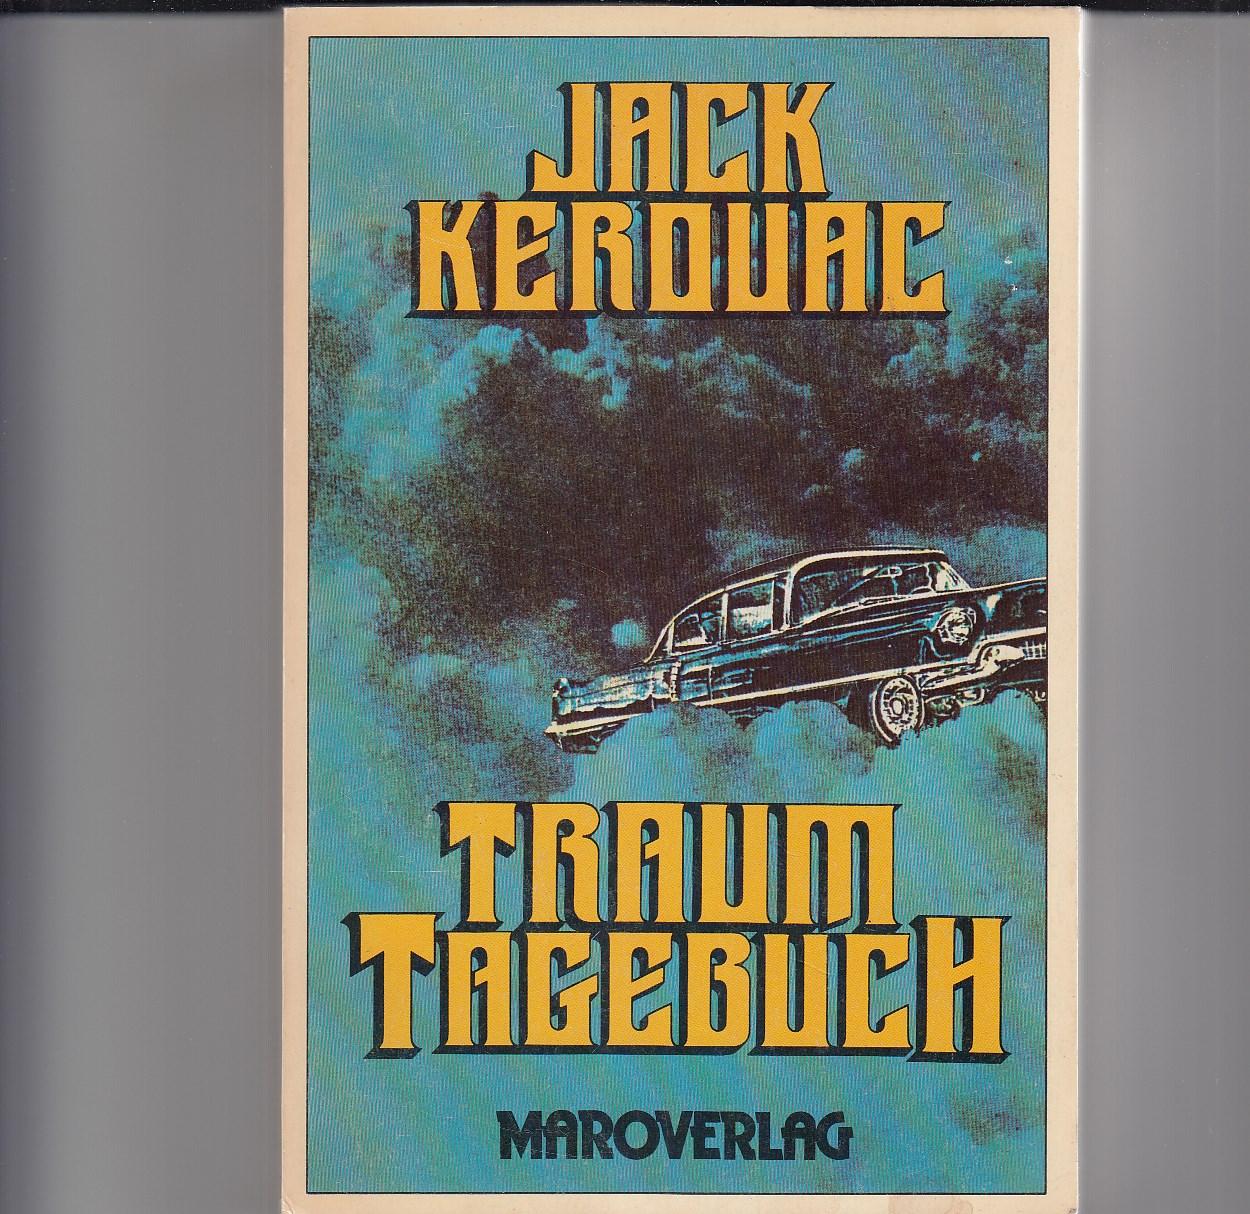 Kerouac, Jacks. Traumtagebuch. (Book of Dreams). Deutsch Werner Waldhoff. Cover Walter Hartmann. Fotos von William Eichler (Kerouac) und Jürgen Ploog (Wolken).